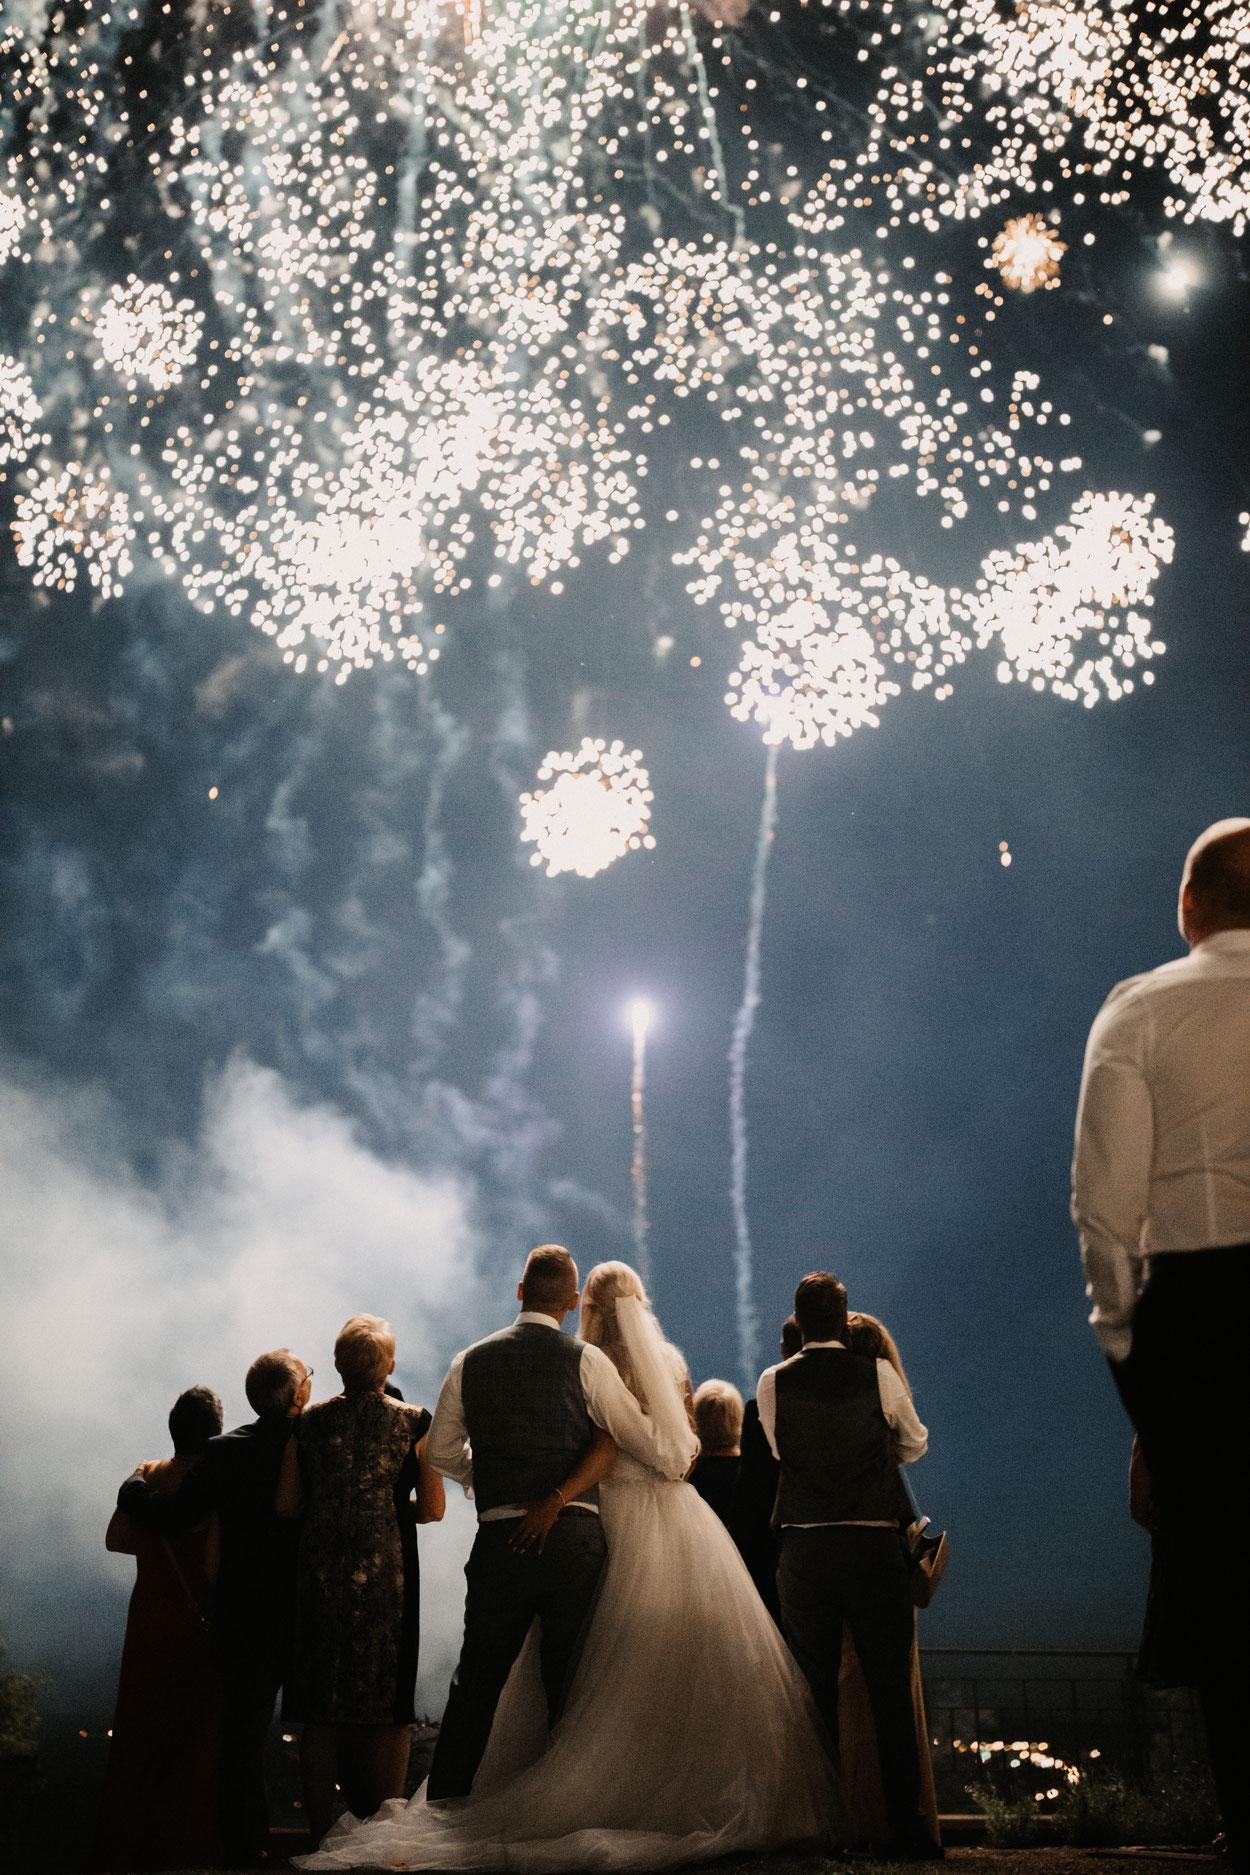 Hochzeitsfotograf Saarland - Fotograf Kai Kreutzer 3110 Saarbrücken, Saarlouis, Merzig, St. Wendel